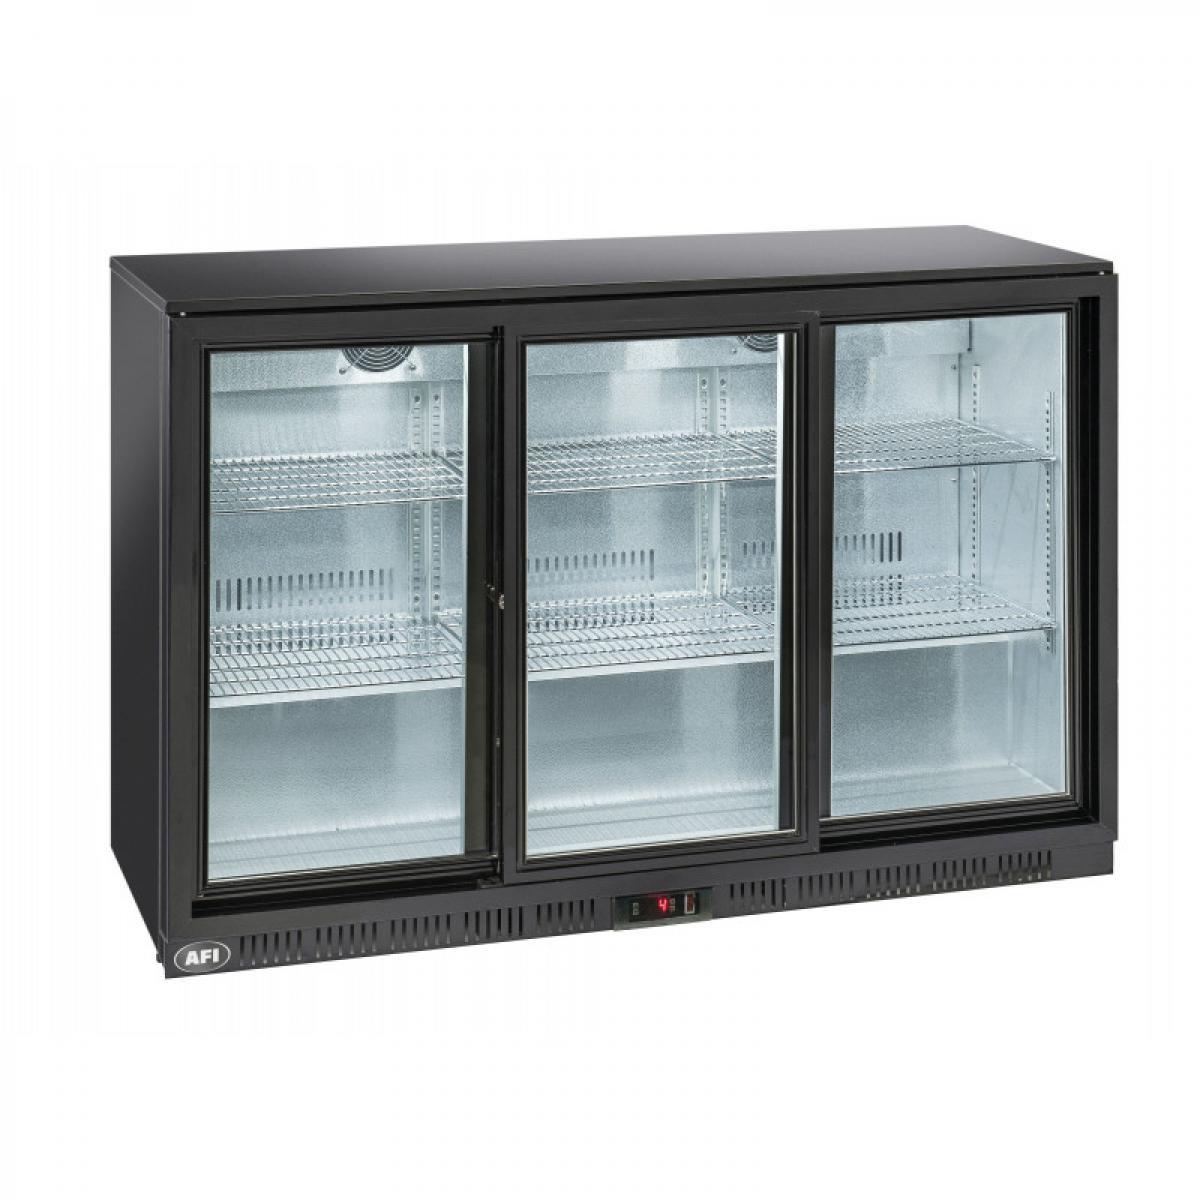 Materiel Chr Pro Arrière Bar Réfrigéré Laqué Noir - 2 à 3 Portes Vitrées Coulissantes - AFI Collin Lucy - R600A 2 Portes 320